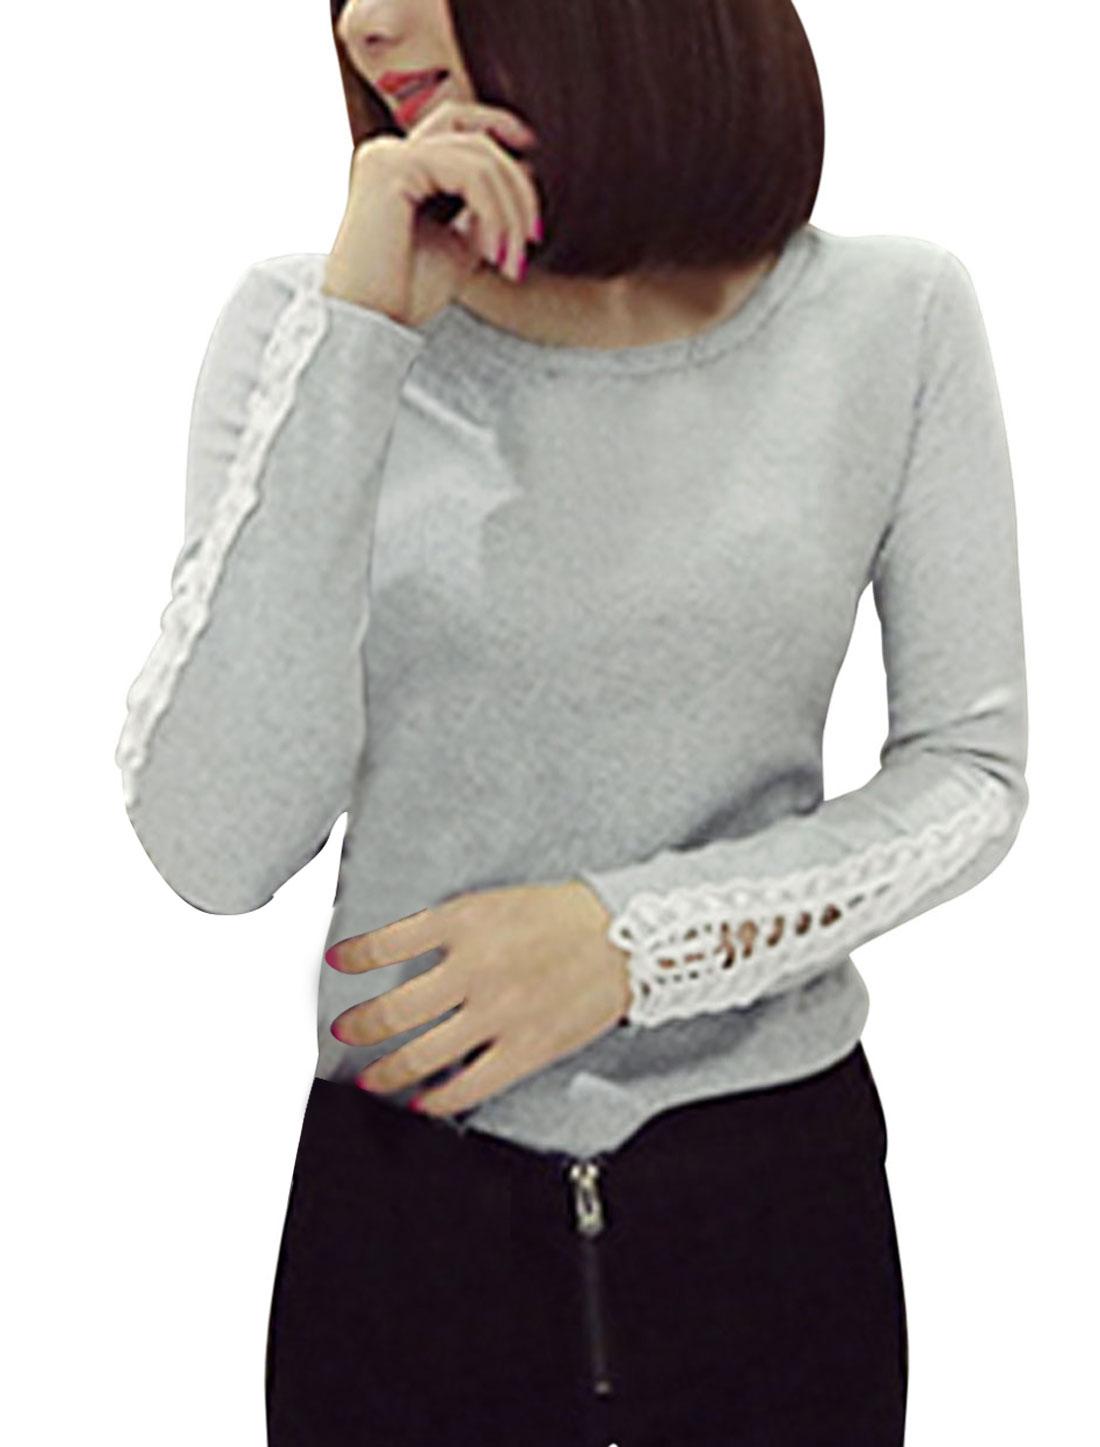 Crochet Panel Long Sleeves Light Gray Casual Shirt for Women S